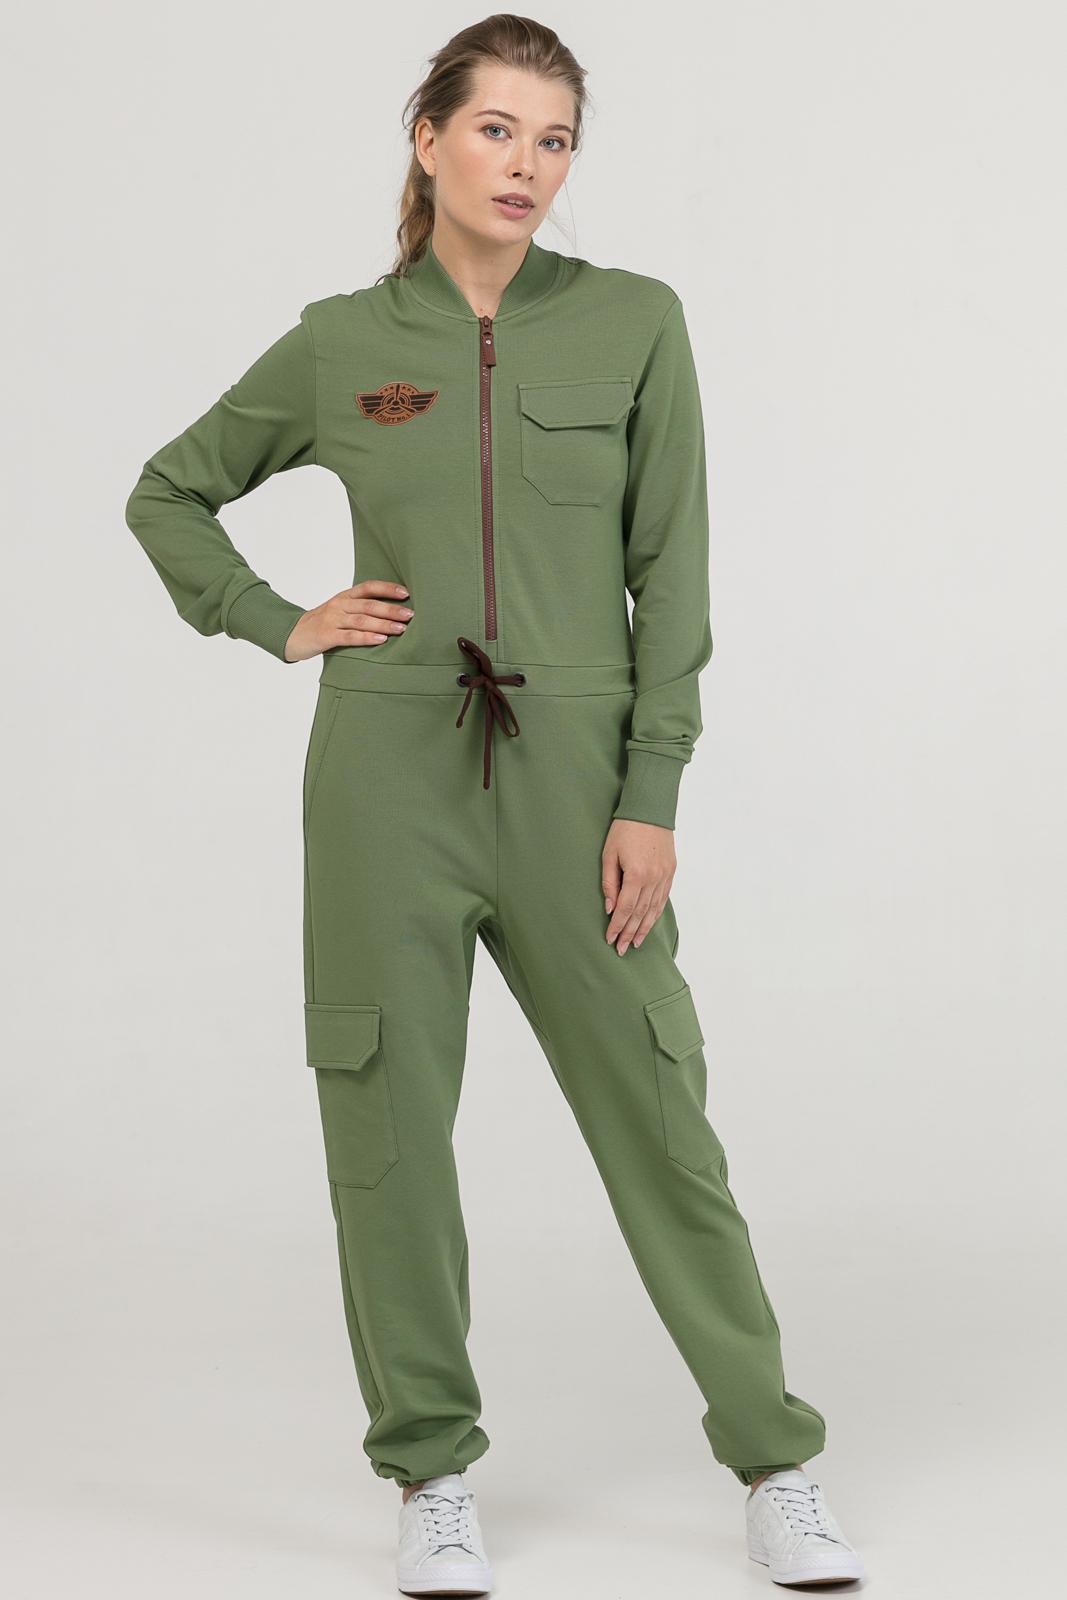 Купить со скидкой Комбинезон Pilot хаки женский из текстиля